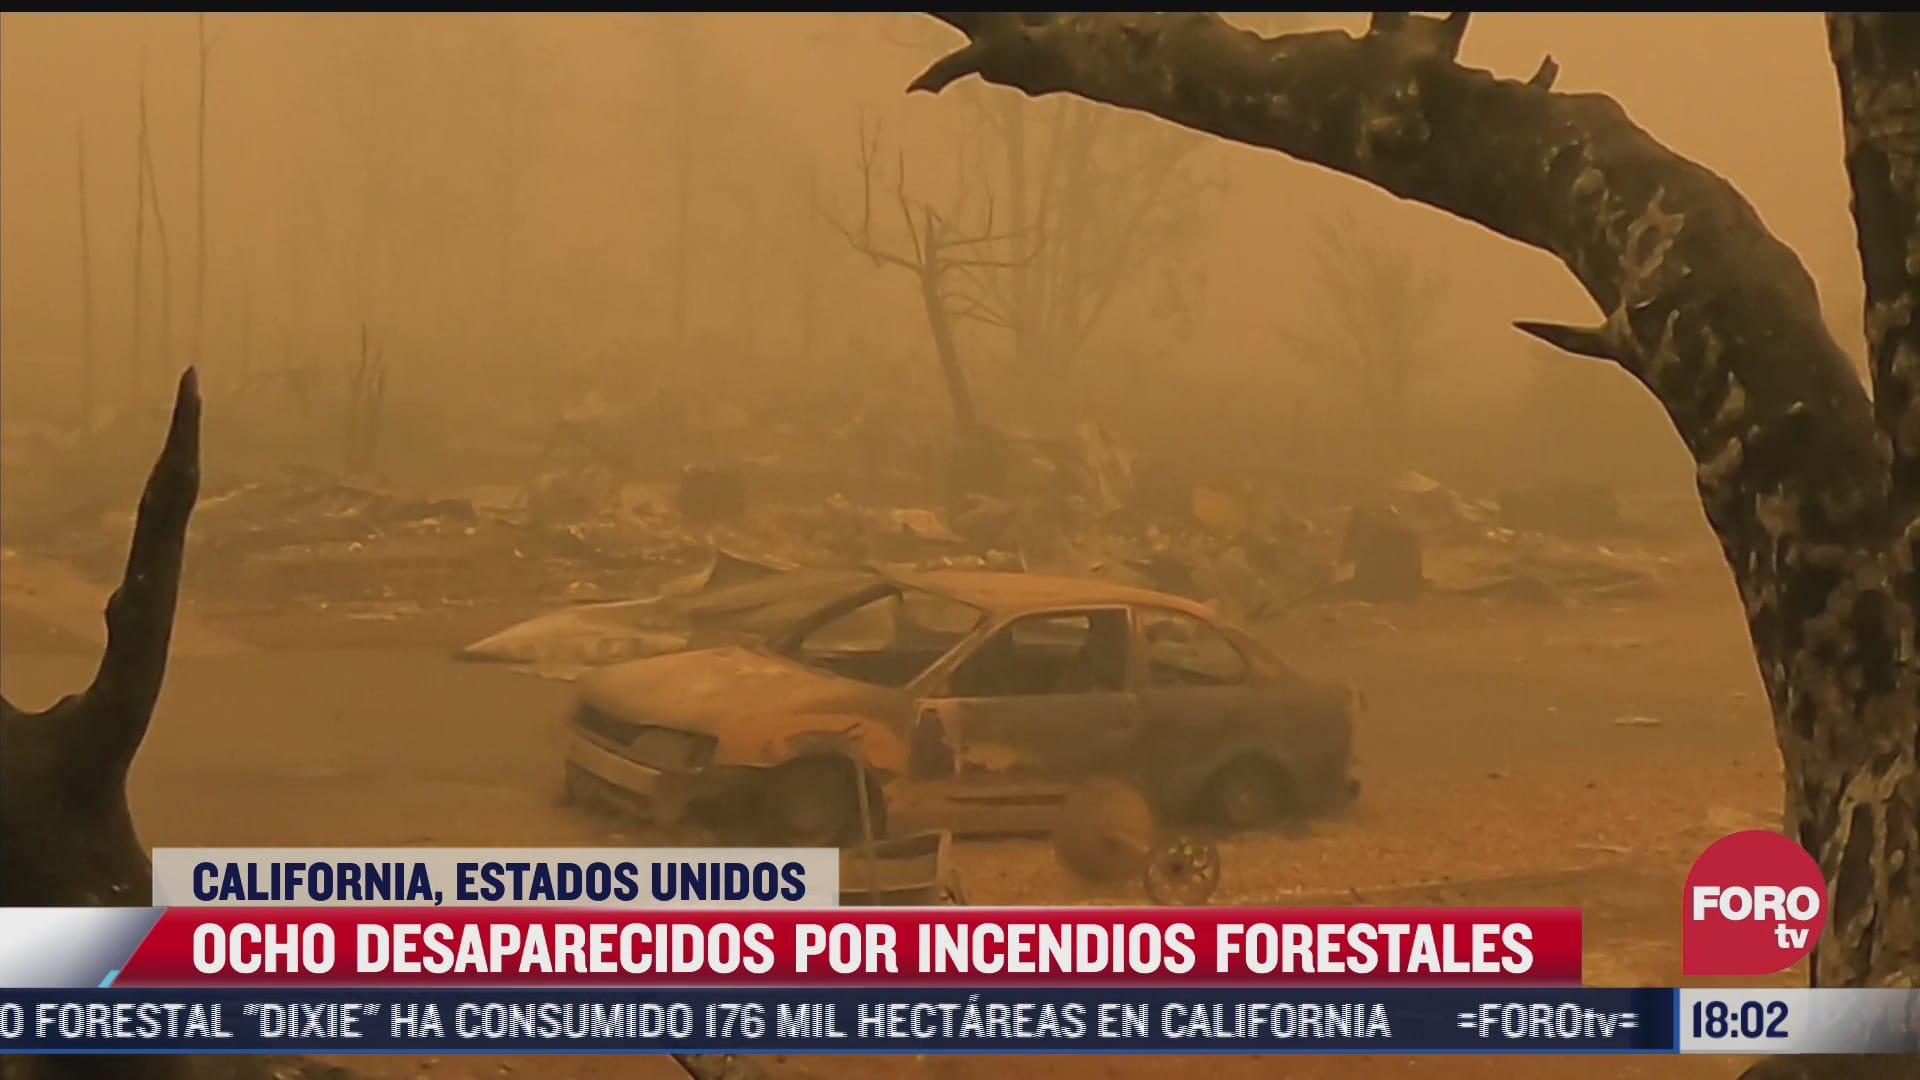 ocho desaparecidos por incendios forestales en california